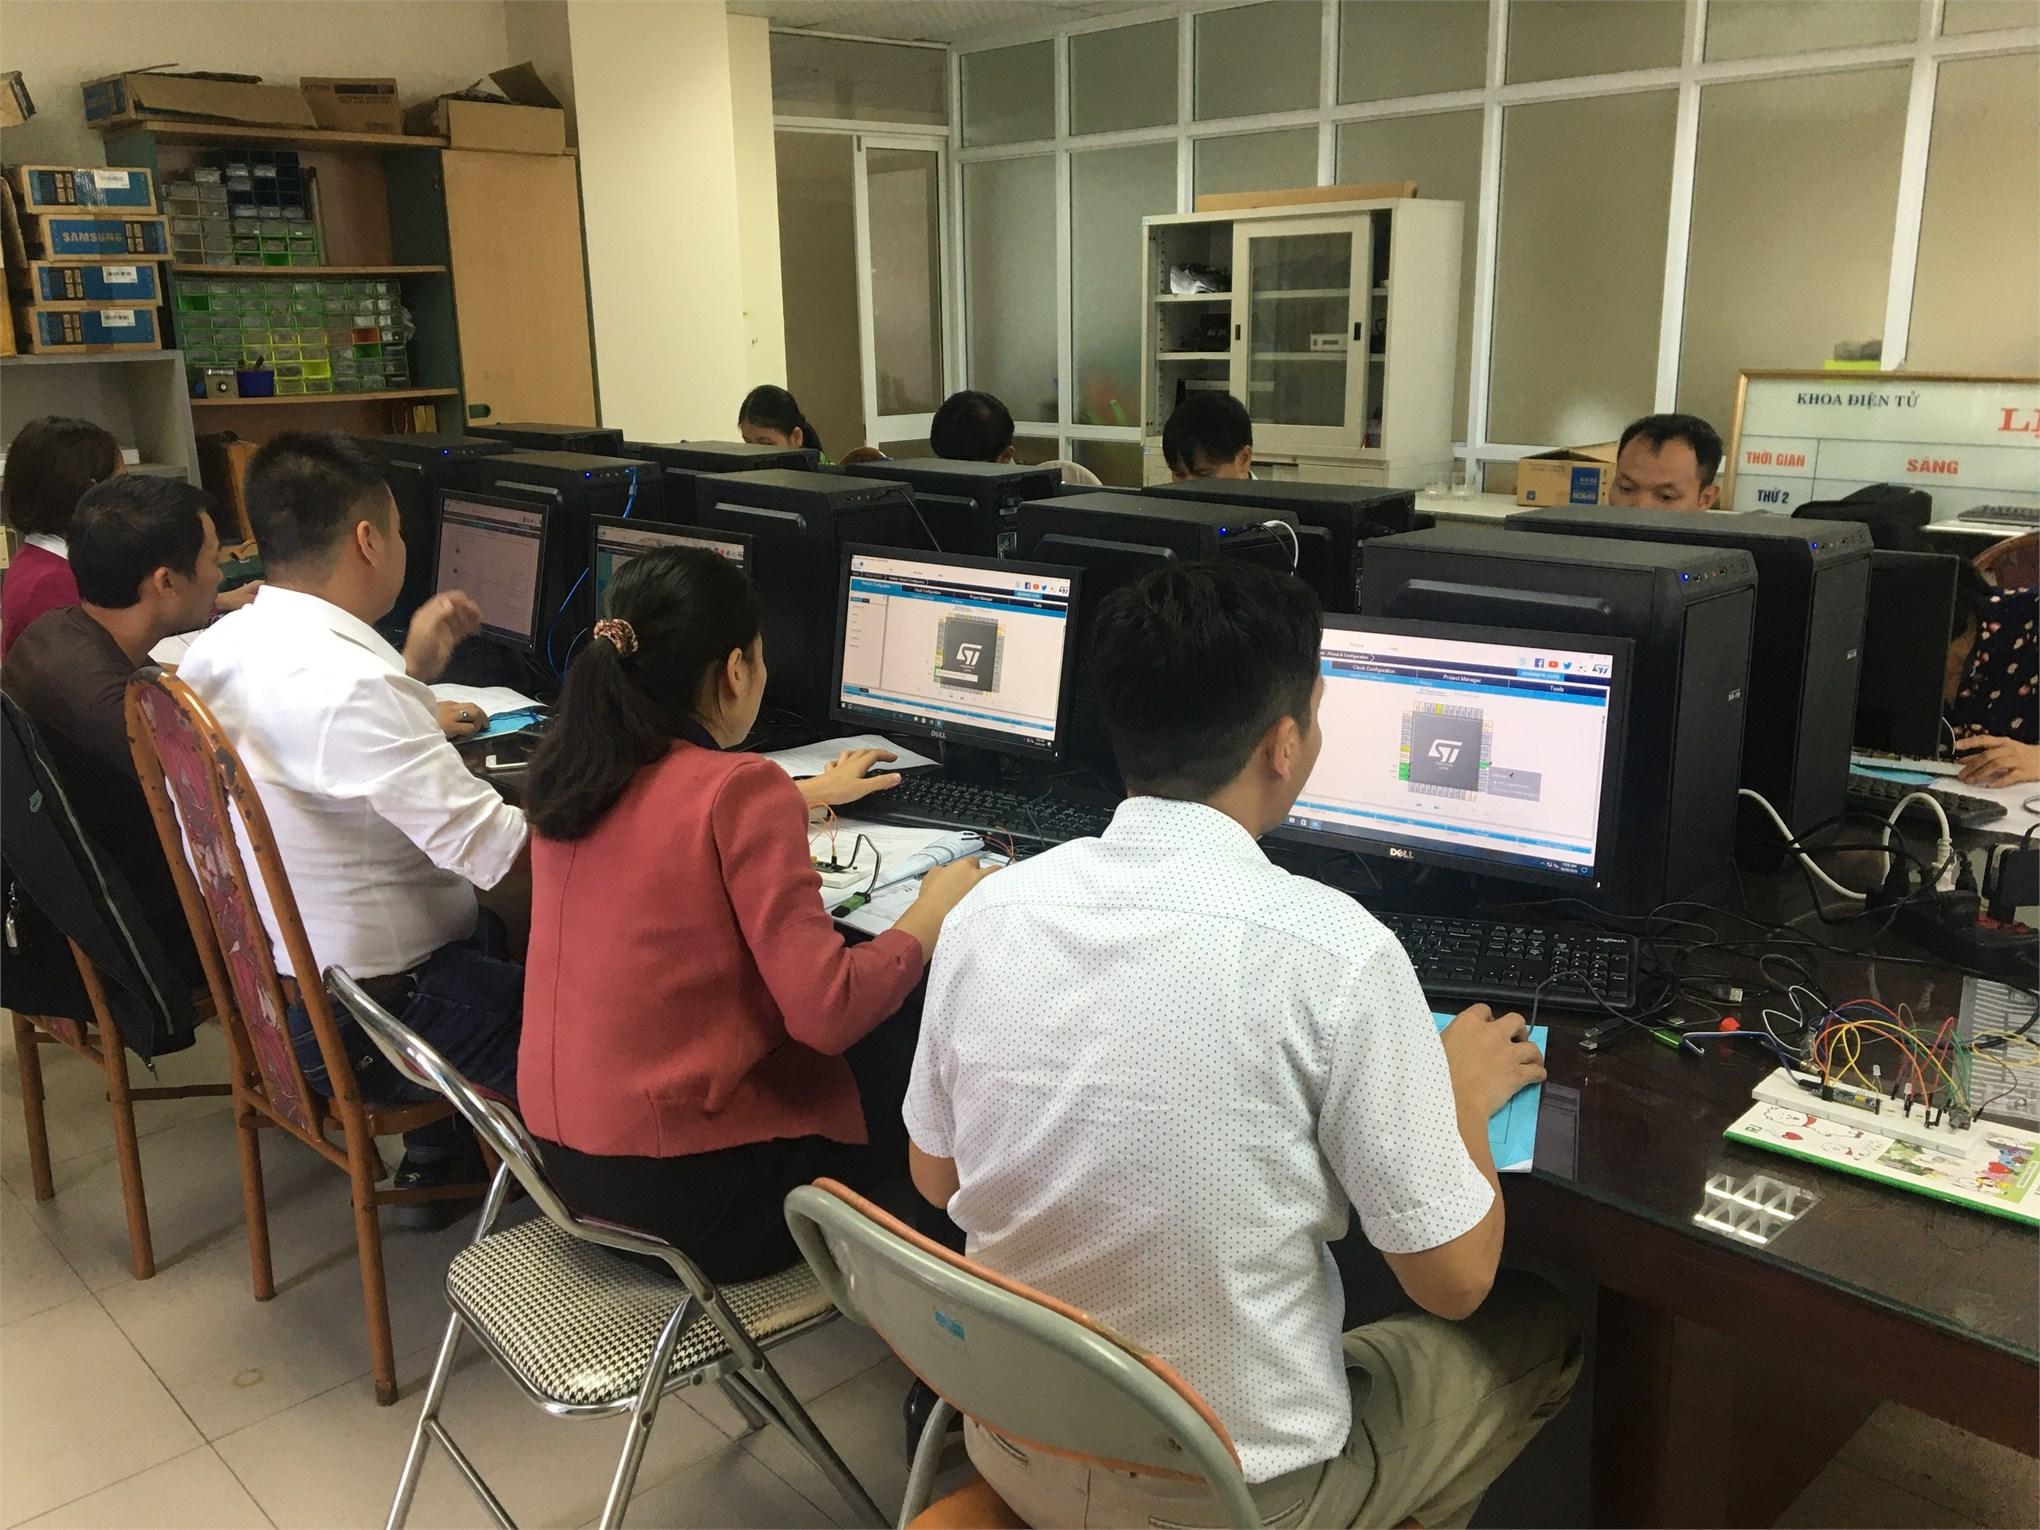 Bồi dưỡng kỹ năng thực hành nghề Điện tử công nghiệp cho giáo viên dạy nghề tỉnh Vĩnh Phúc năm 2019